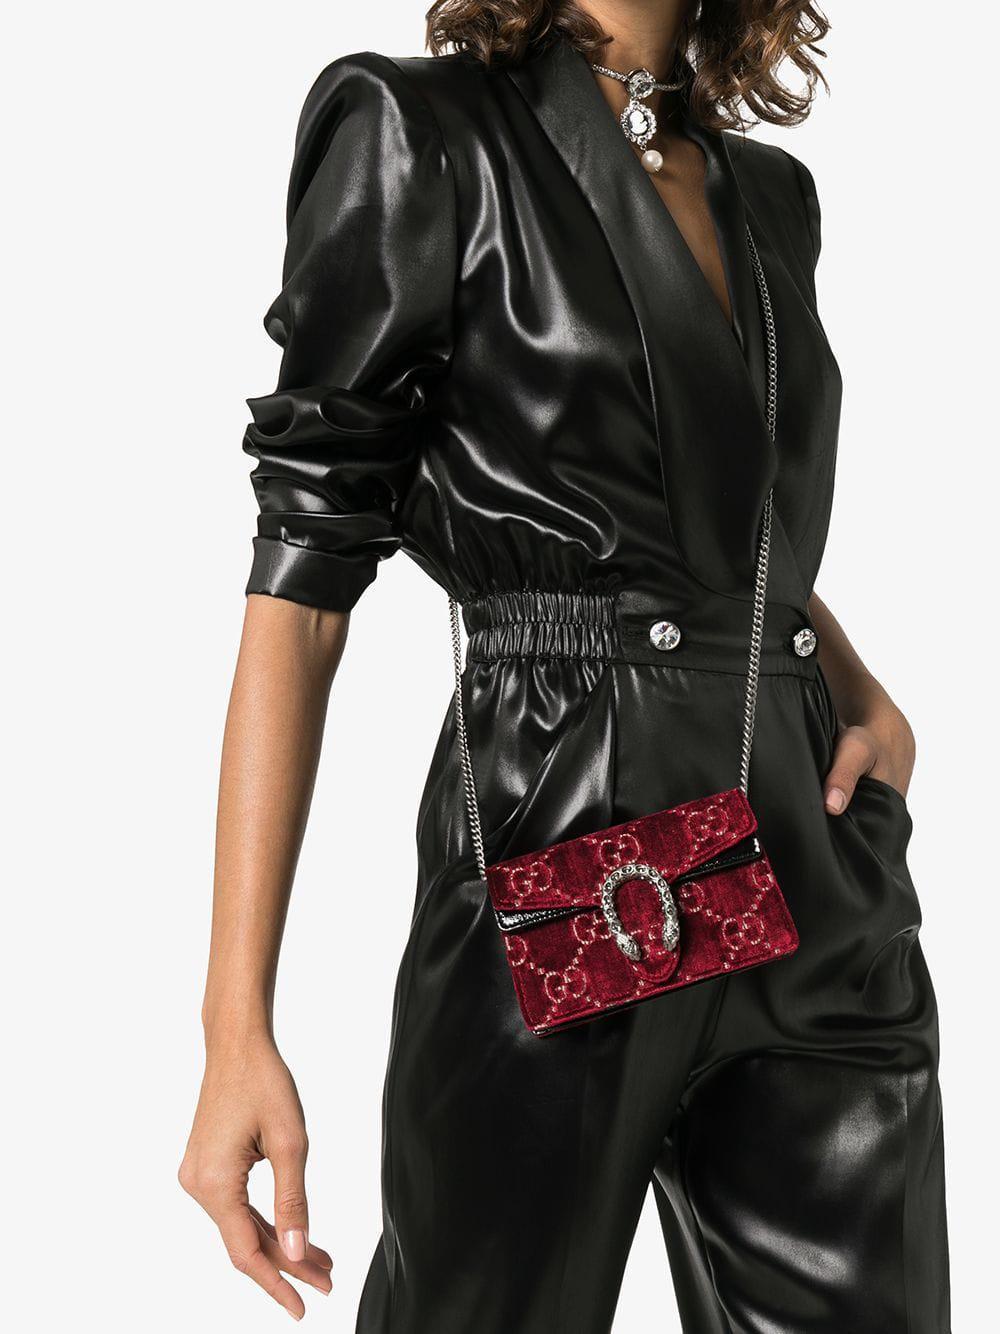 d56a002f019f Gucci Dionysus GG Velvet Super Mini Bag in Red - Lyst